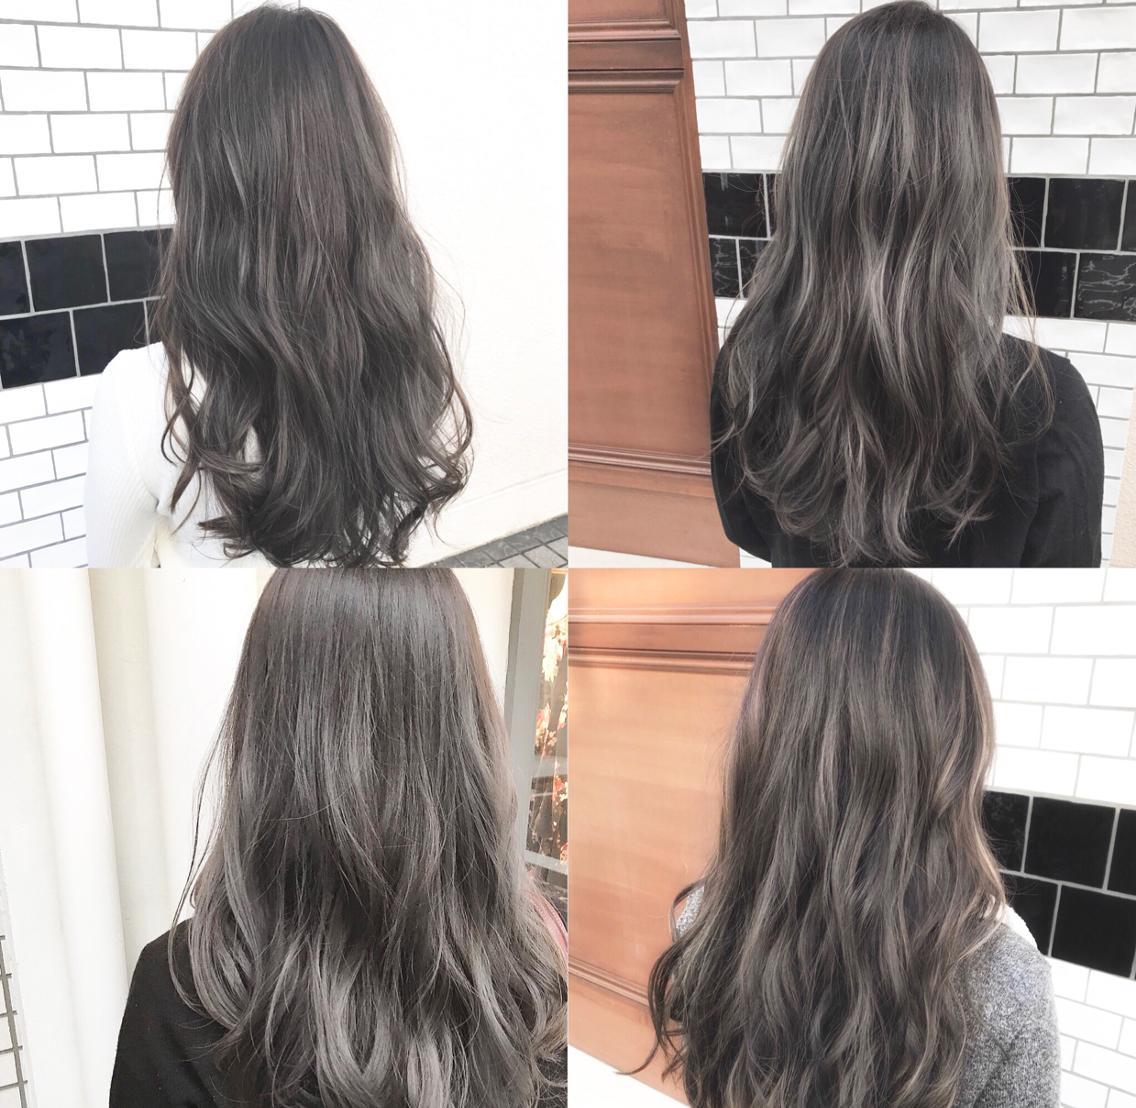 ⭐️5月限定60%オフ【当日予約OK‼️】⭐️支持率NO.1の赤み消しなグレージュカラー大人気⭐️ダメージレスなイルミナカラー再現性あるパーマヘア、ハイクオリティで自然体なヘアが得意⭐️